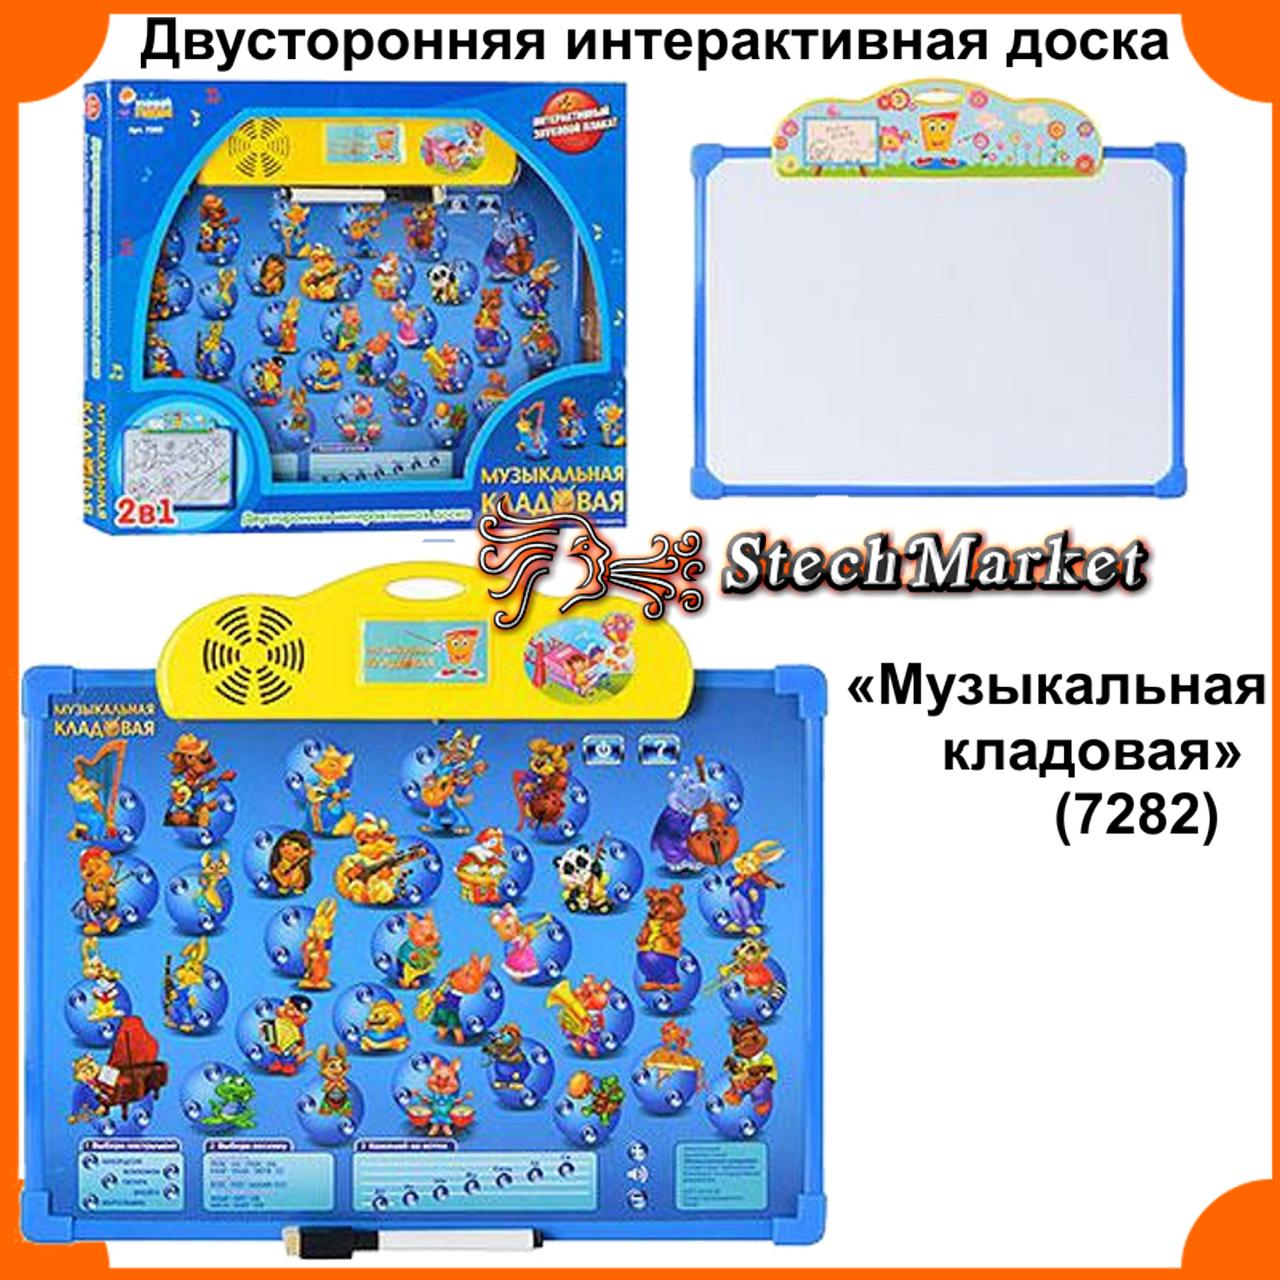 Двусторонняя интерактивная доска «Музыкальная кладовая» (7282)